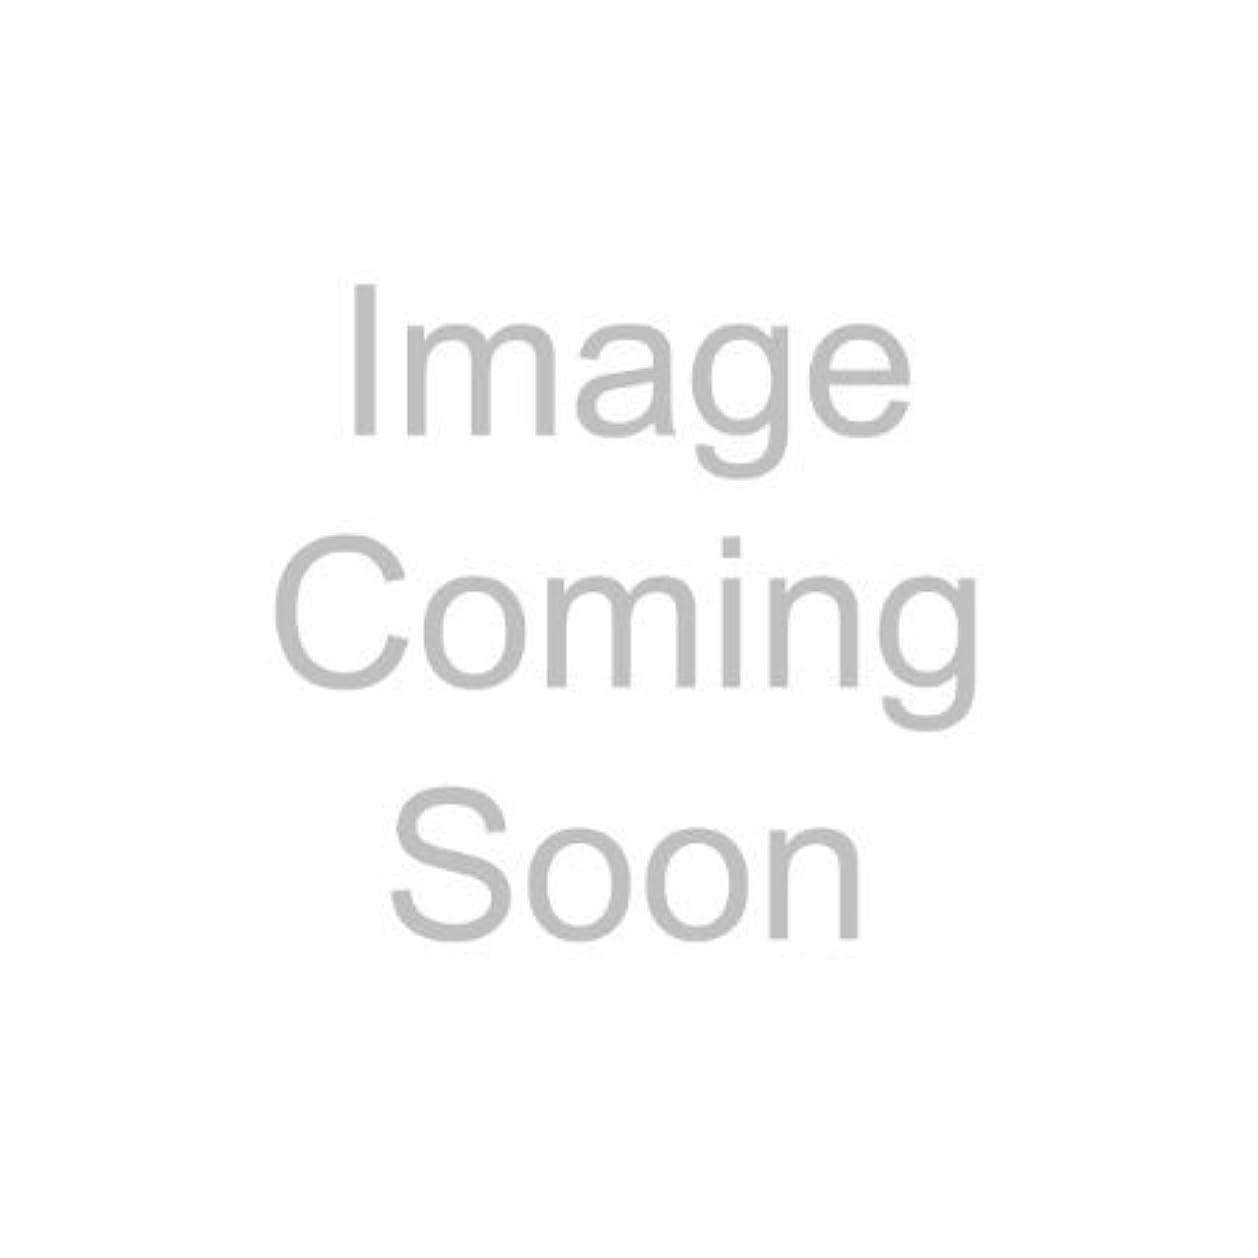 フォーマルリラックスした比べるエリザベスアーデン ビジブル ホワイトニング メラニン コントロール ナイトカプセル トラベルセット 17.2mlx3(37カプセルx3) [並行輸入品]